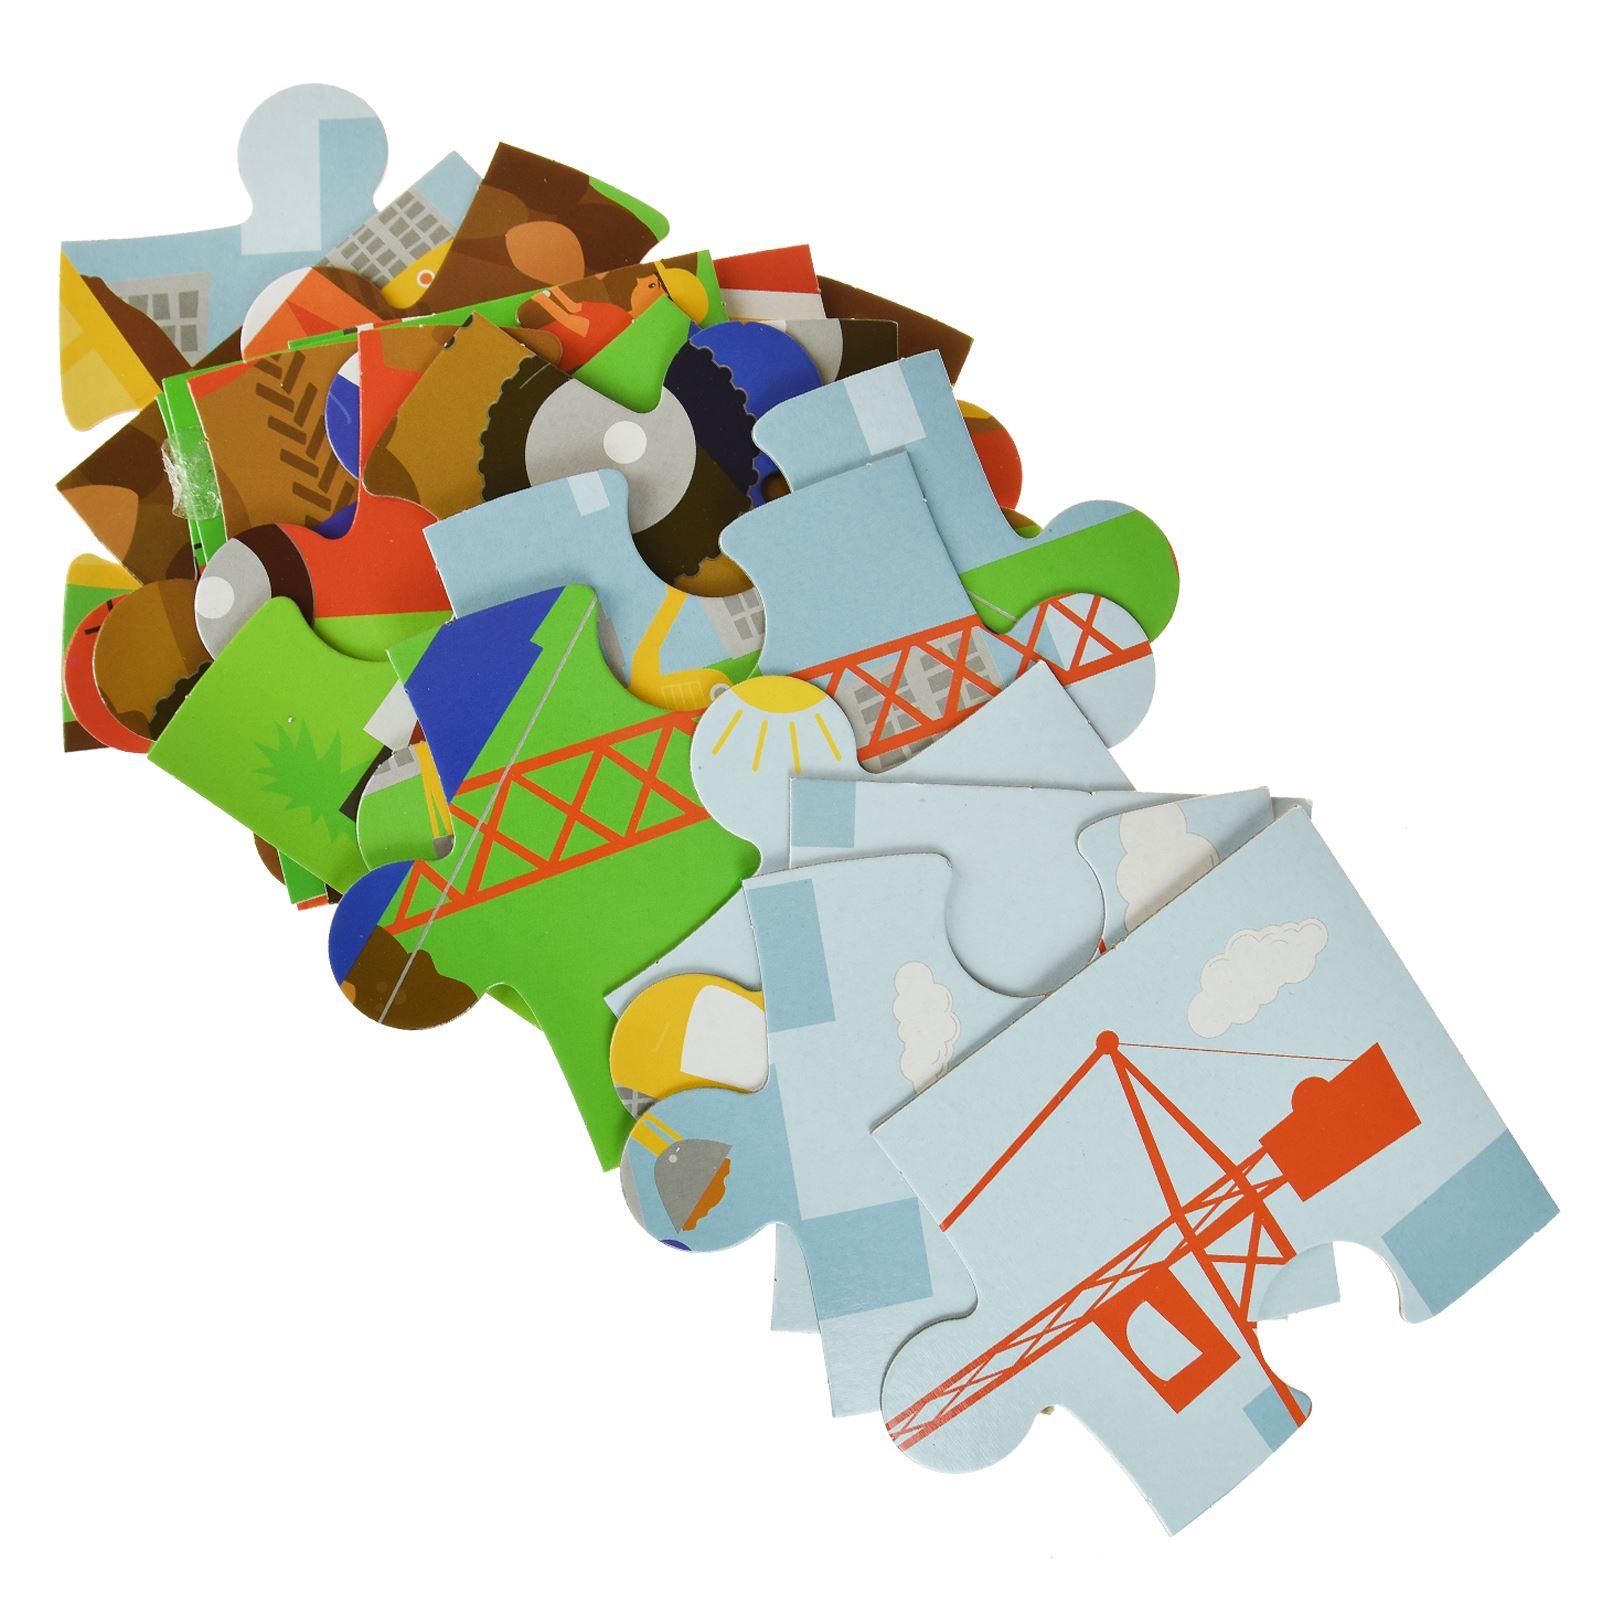 16pc-Mon-Premier-Puzzle-Enfants-educatif-Problem-Solving-jeu-jouet miniature 3